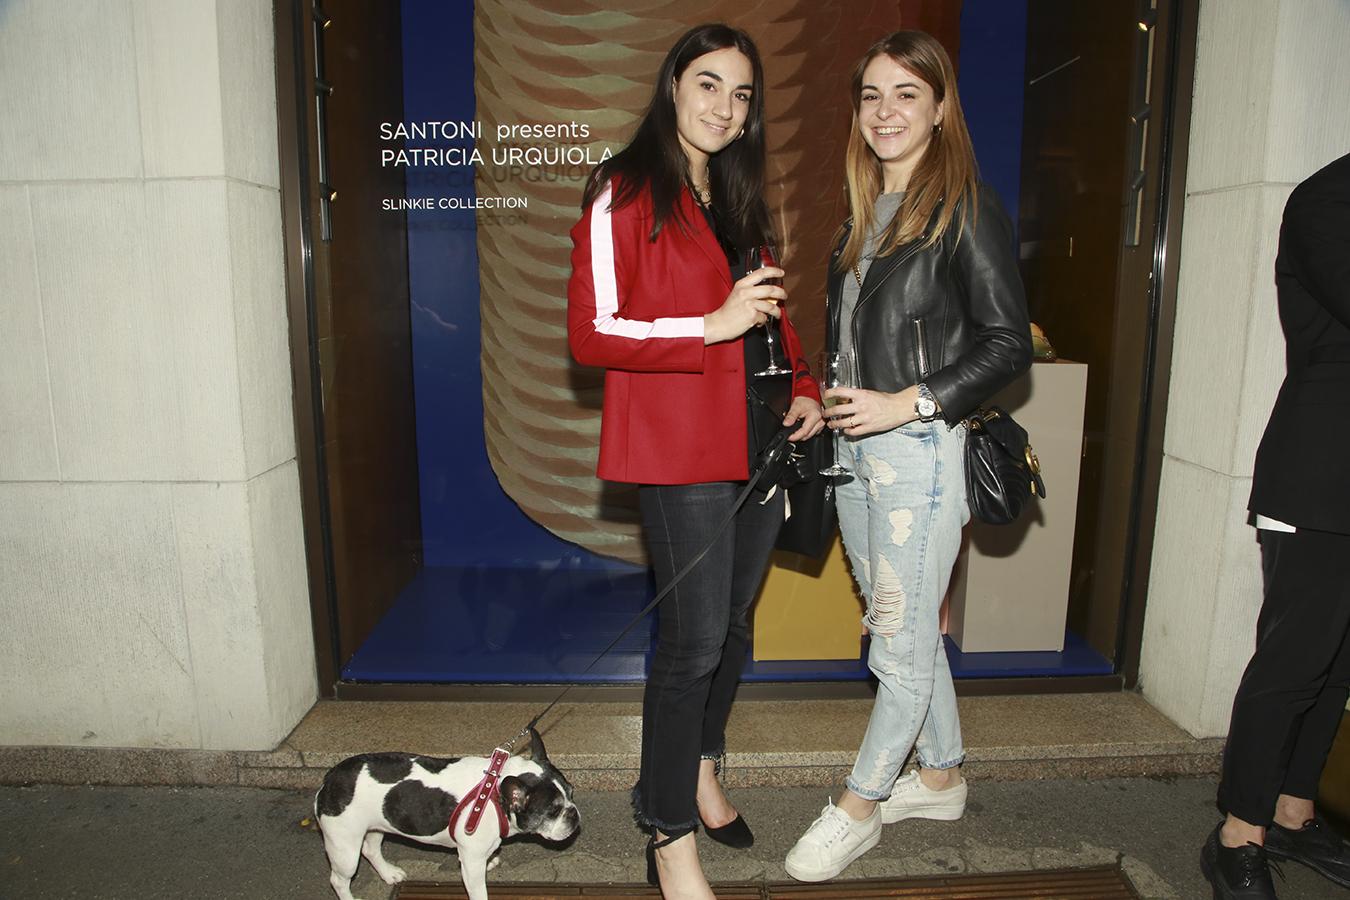 Martina Maccherone and Chiara Magnaghi